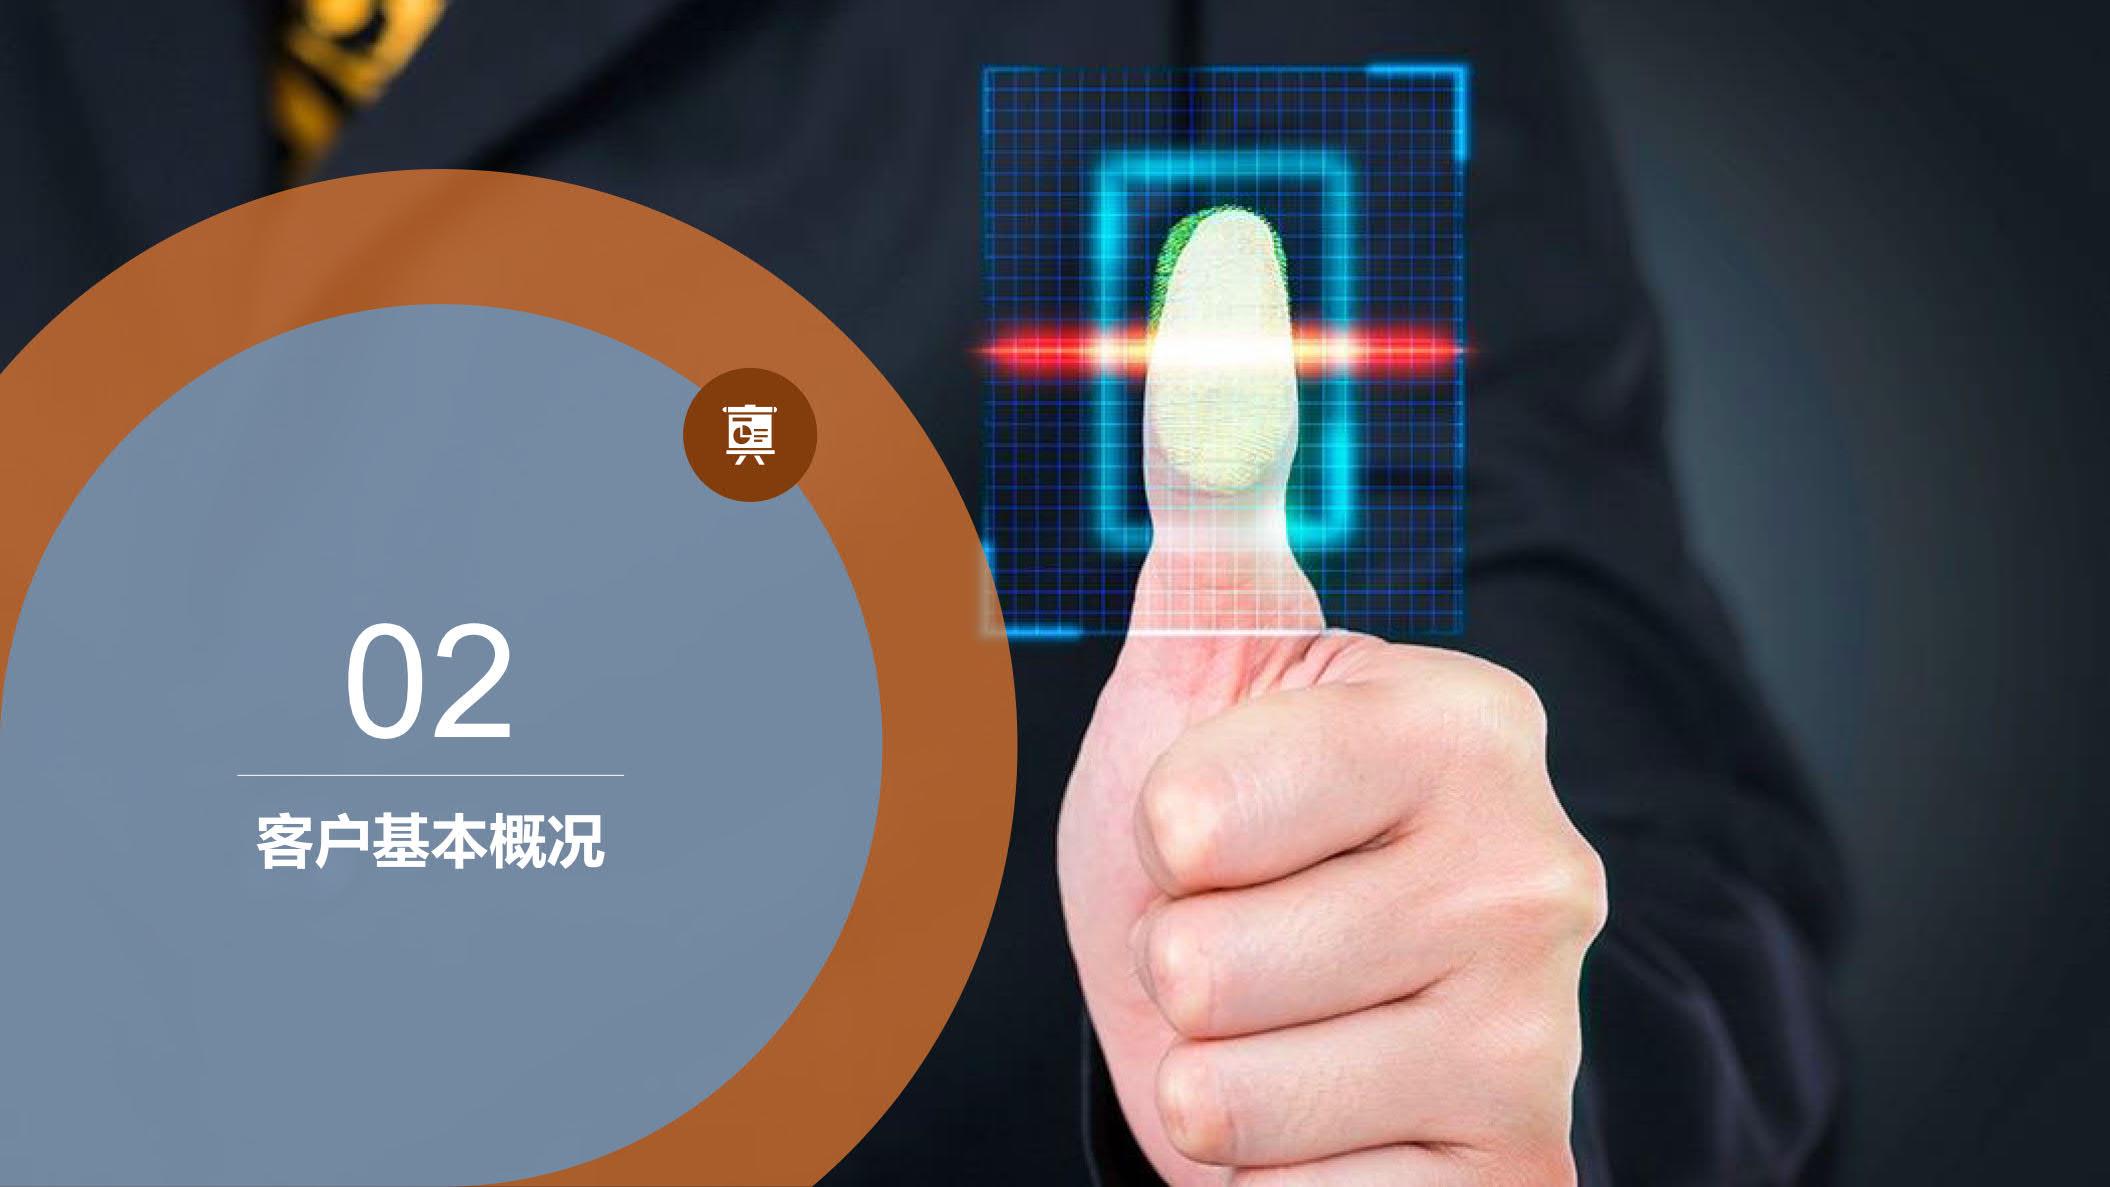 F2+vip焰X+机械设备+陈X-0628_6.jpg